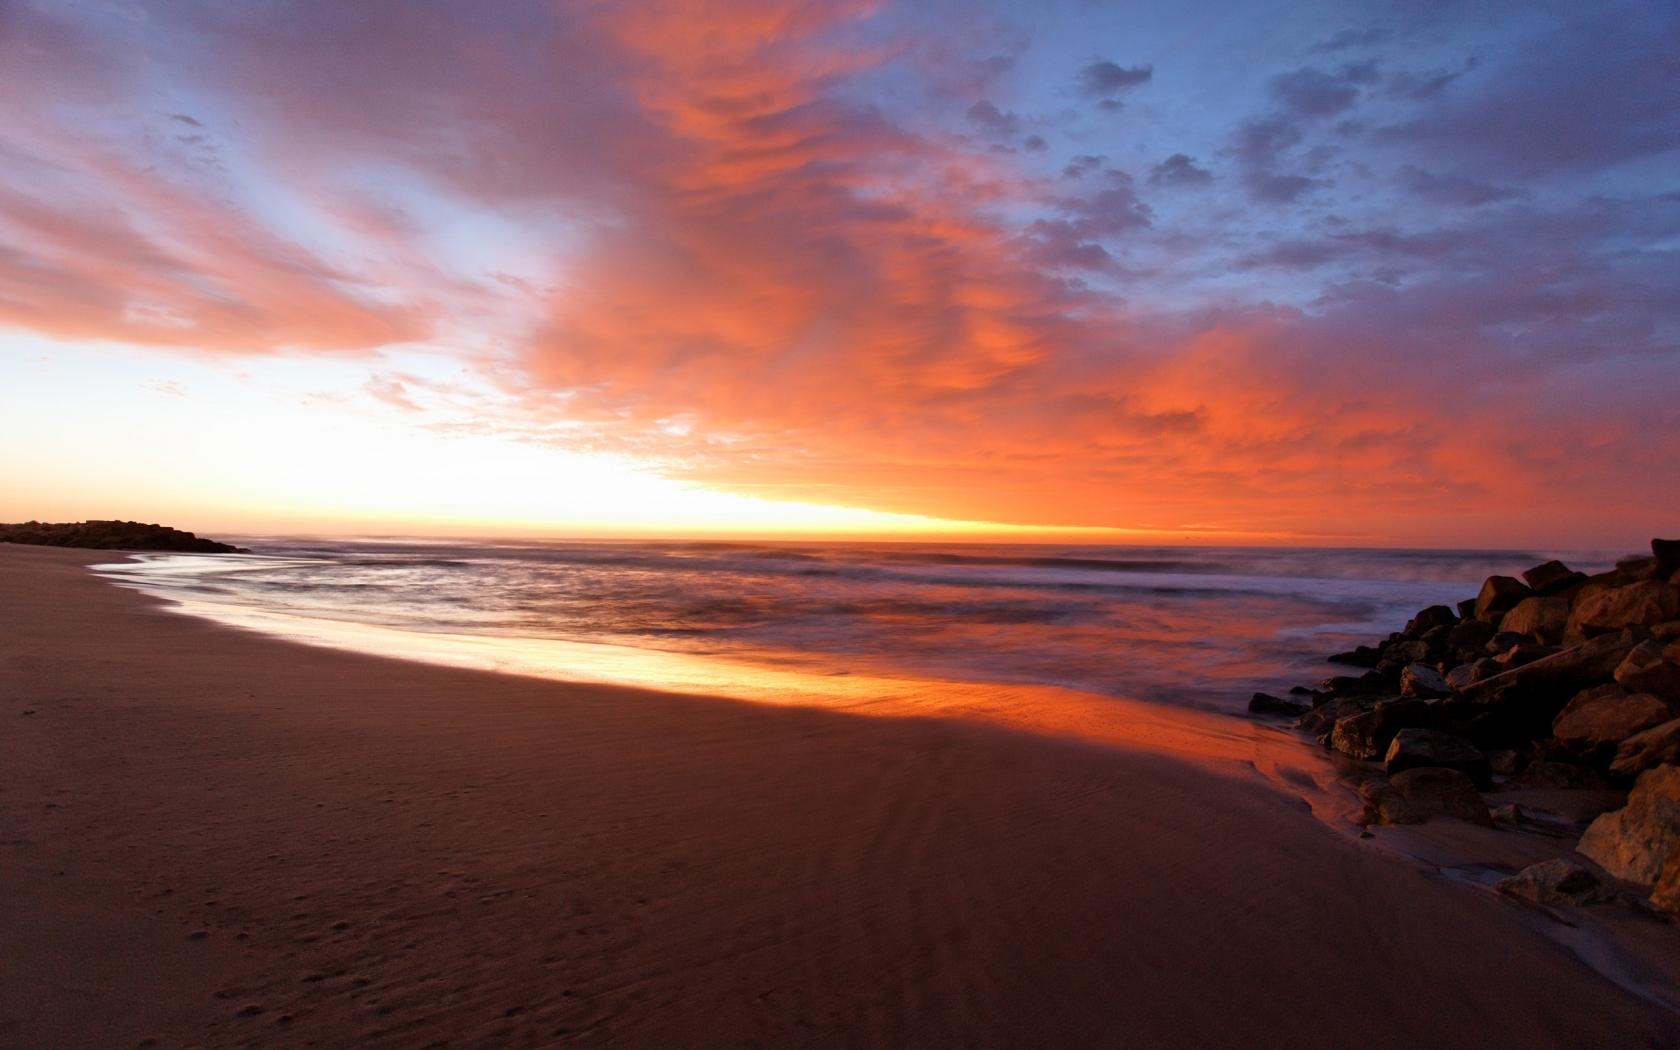 Amanecer en la playa - 1680x1050